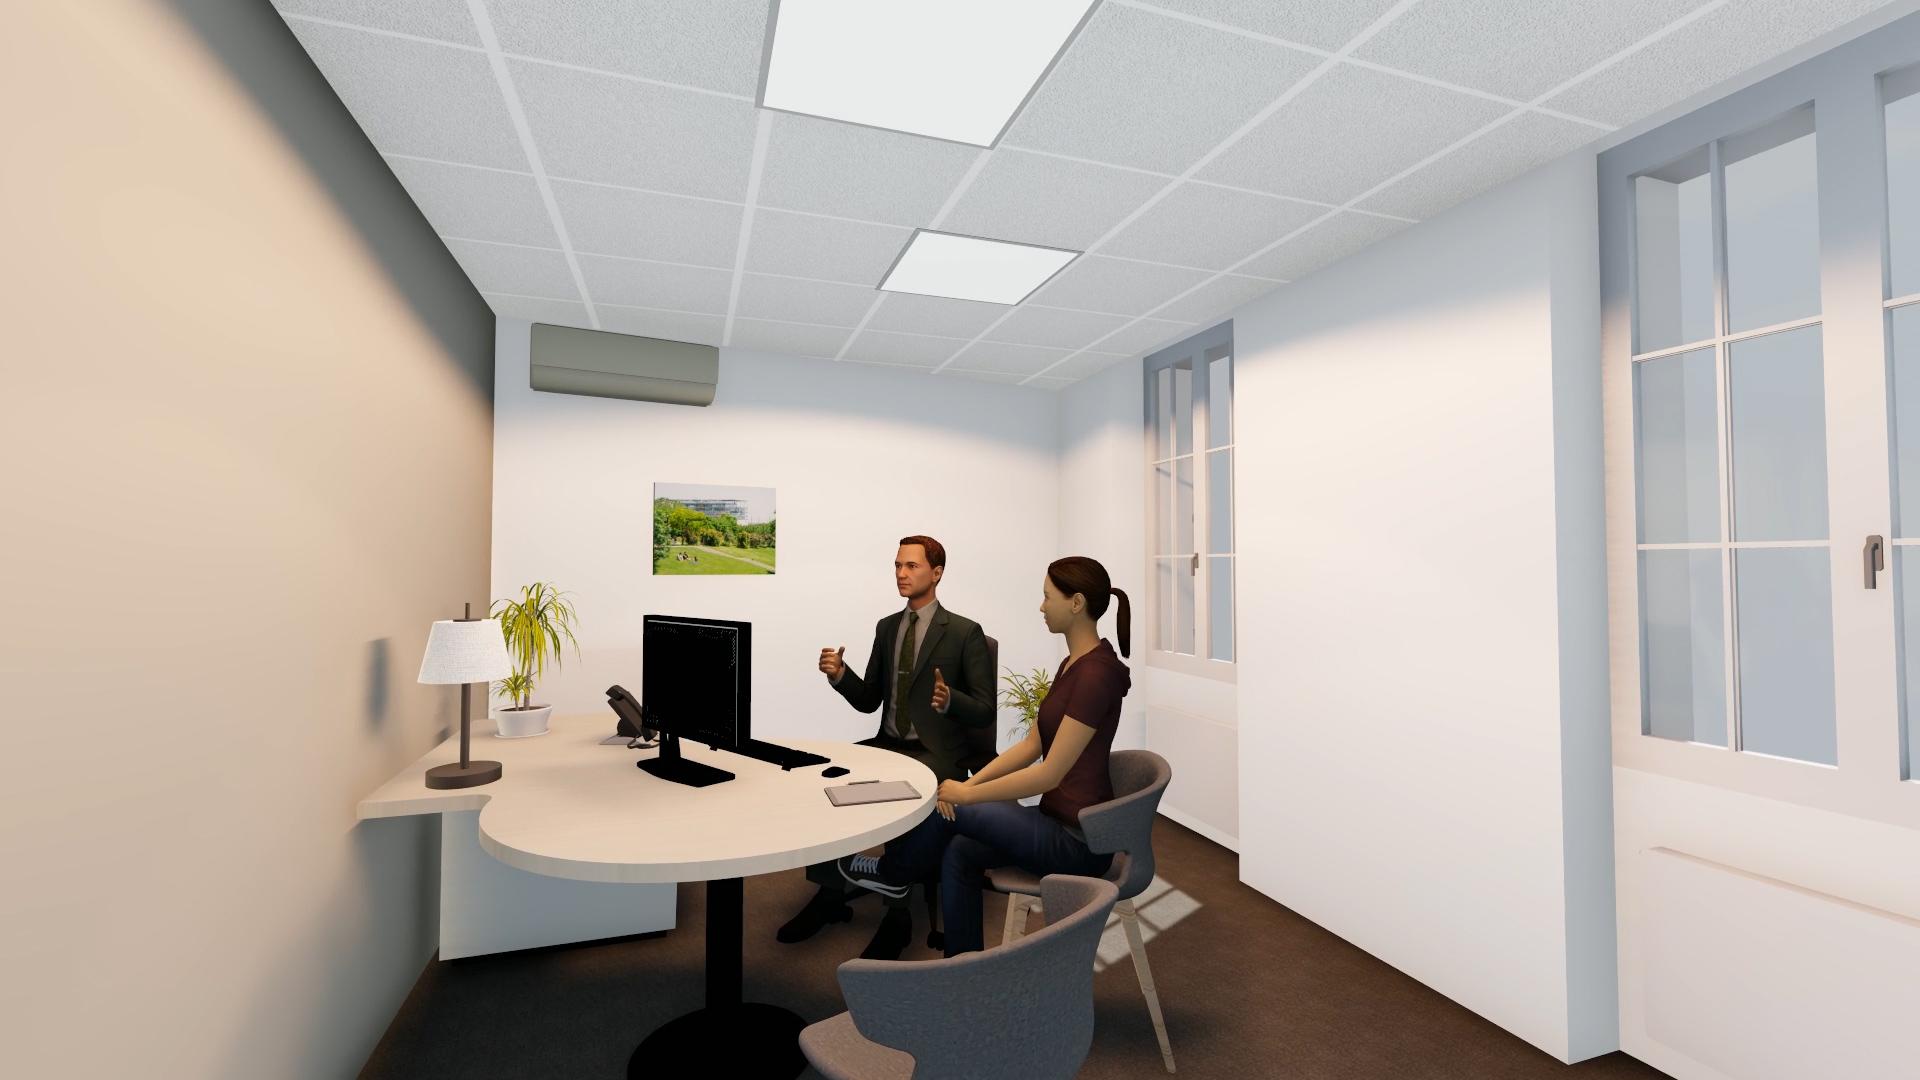 Extrait Vidéo 3D Espace de réception Banque Crédit Agricole